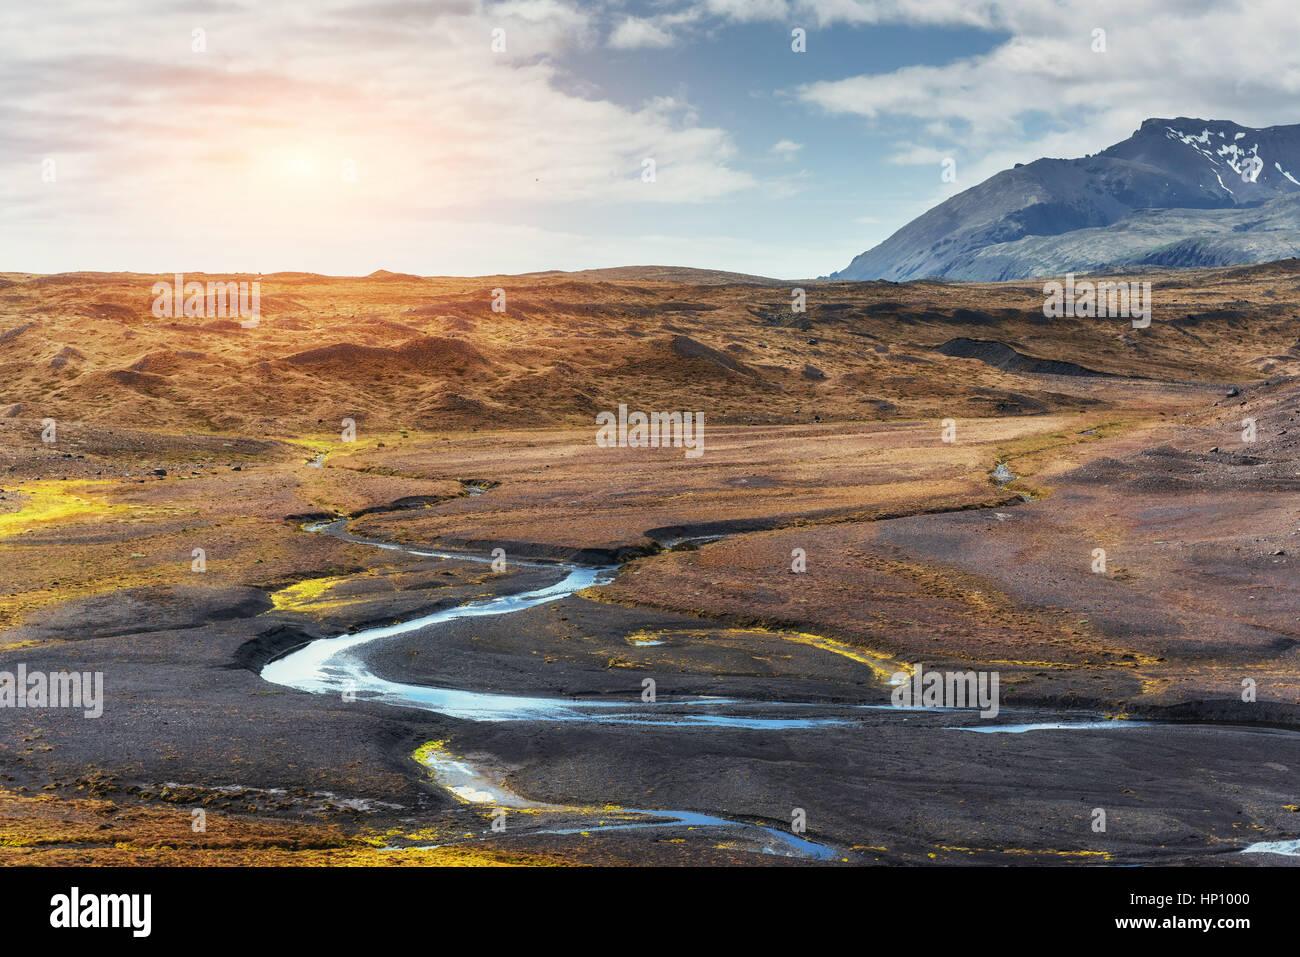 El hermoso paisaje de las montañas y los ríos de Islandia. Foto de stock